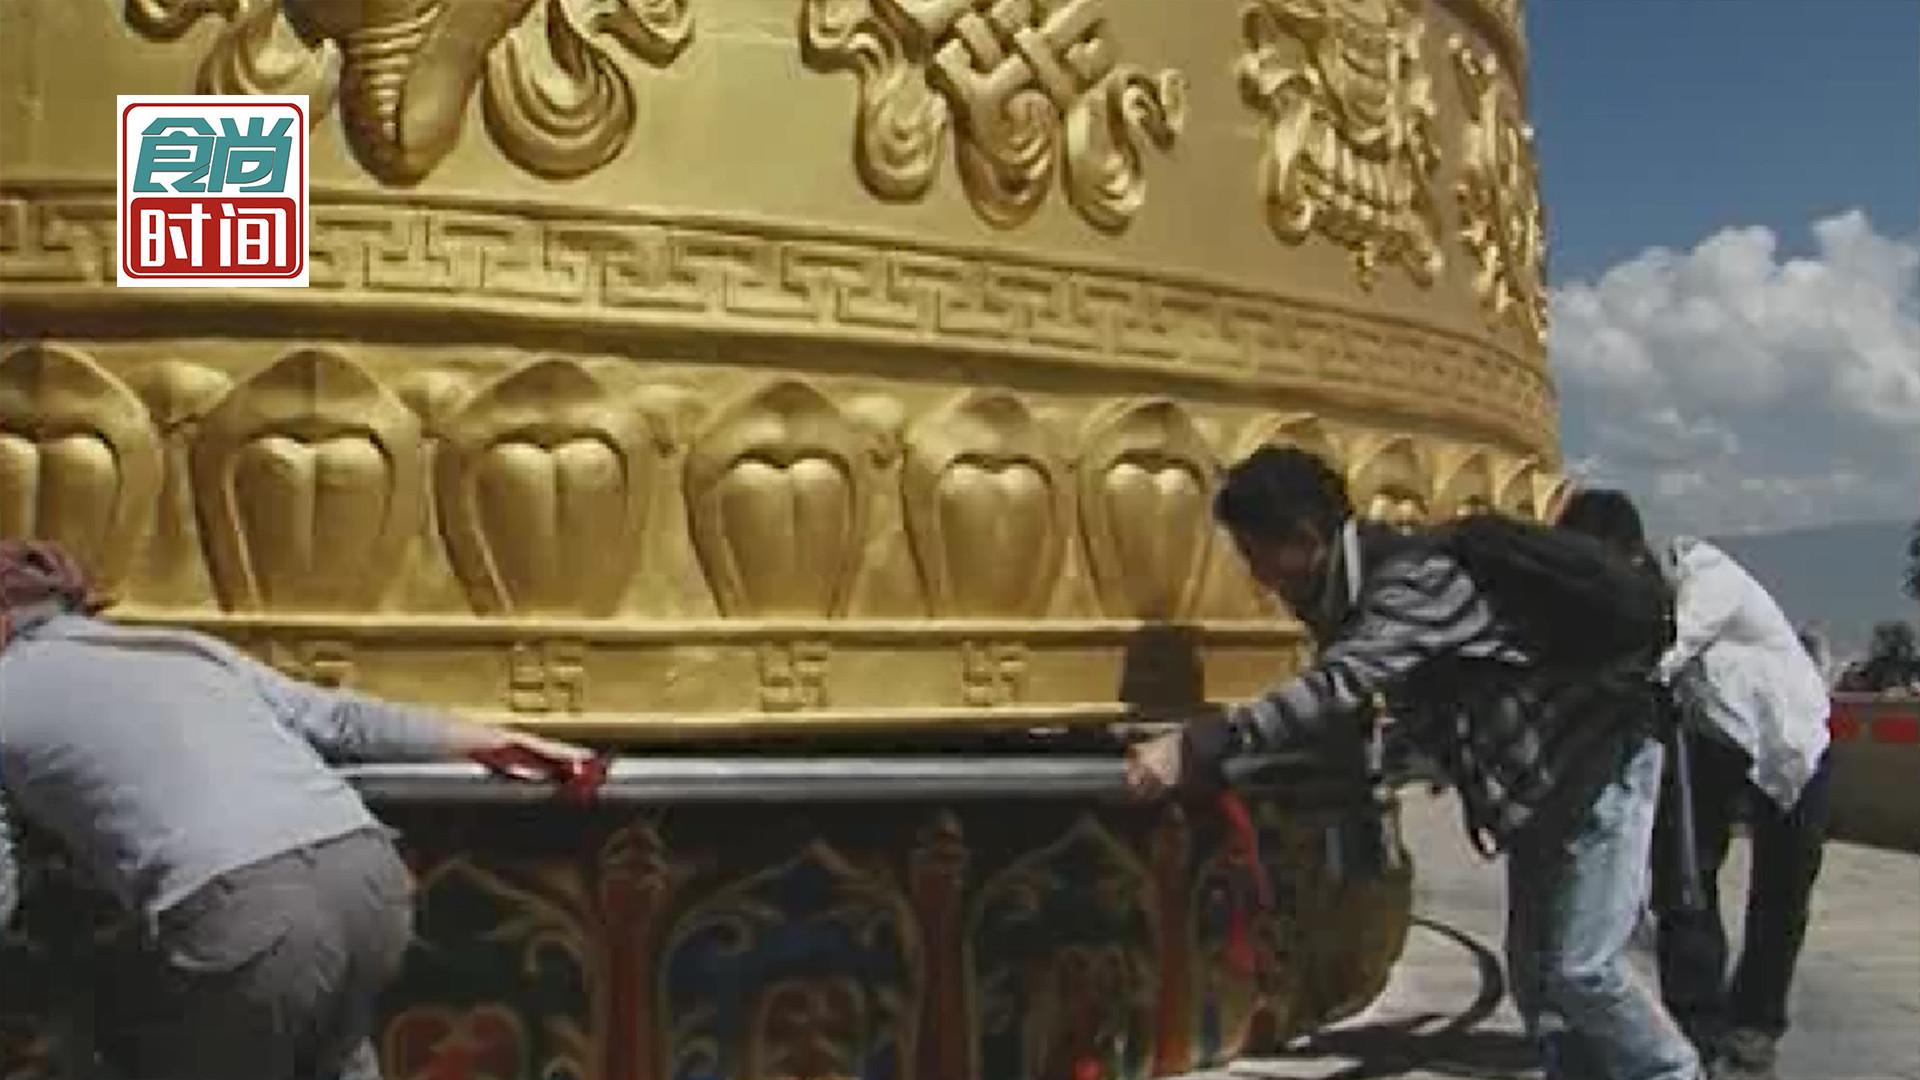 离天堂最近的地方——传奇香格里拉 世界上最大的转经筒送祝福喽!